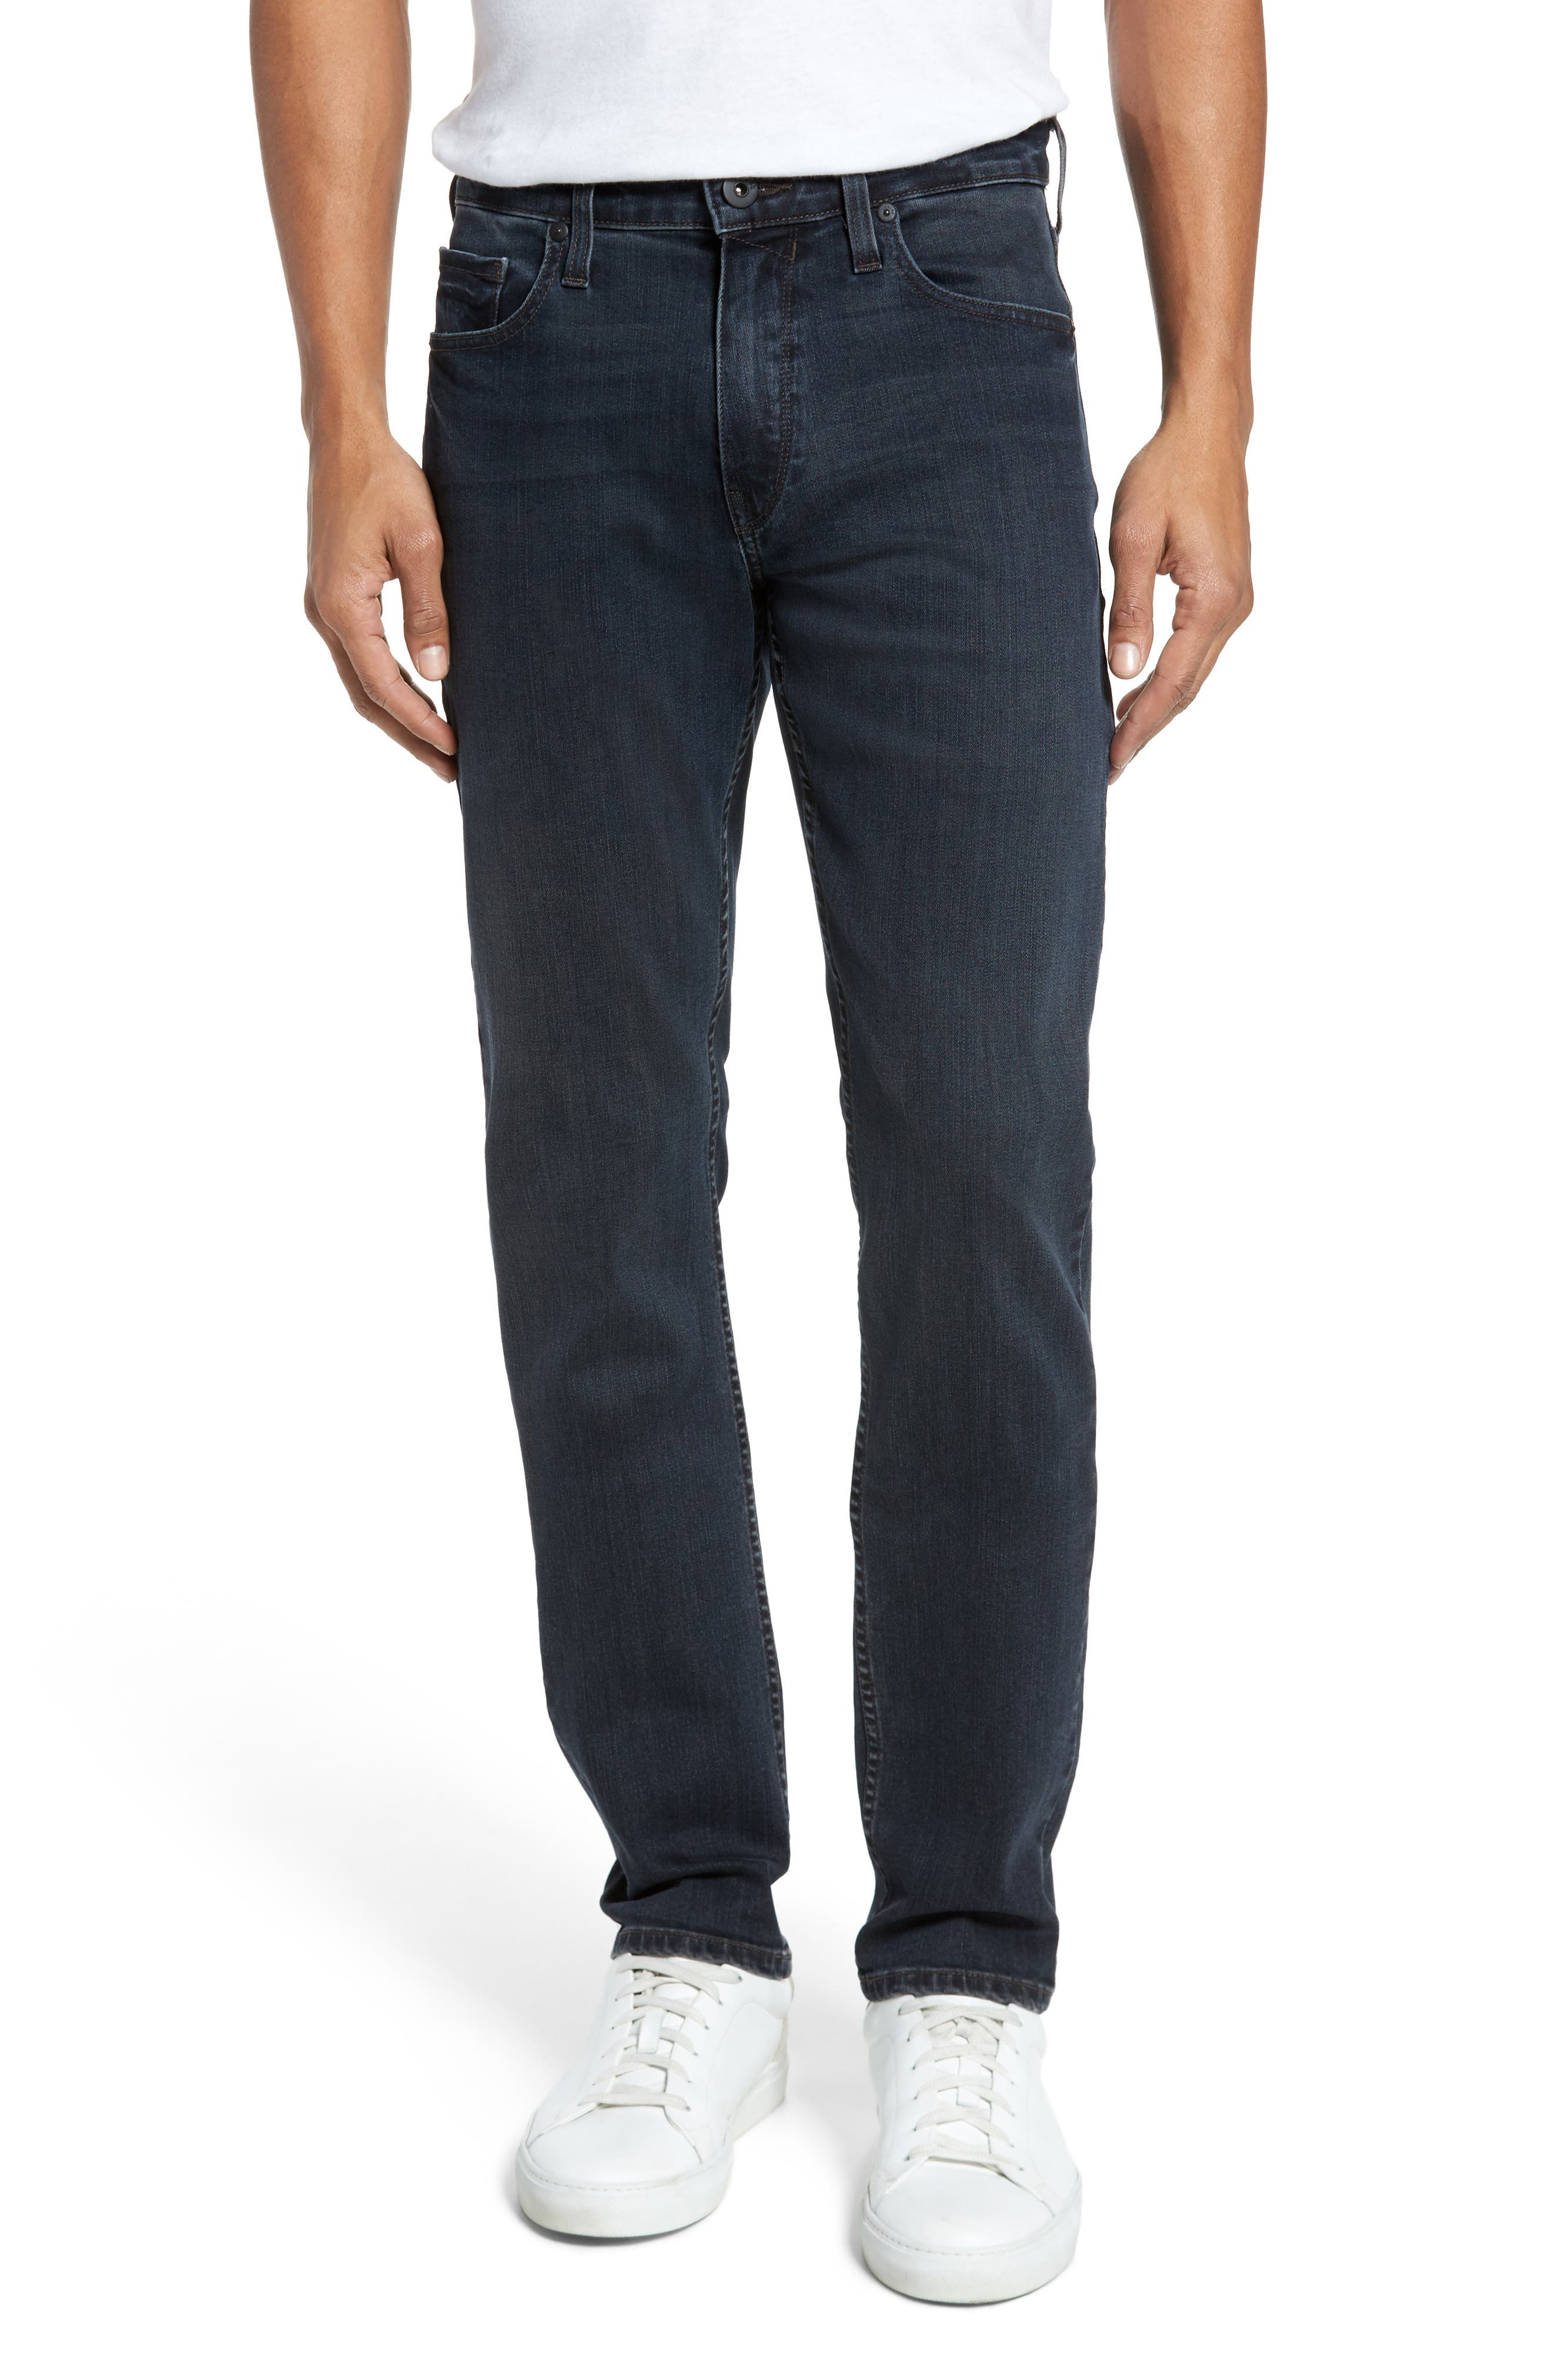 Lennox Slim Fit Jeans,                         Main,                         color, Triton